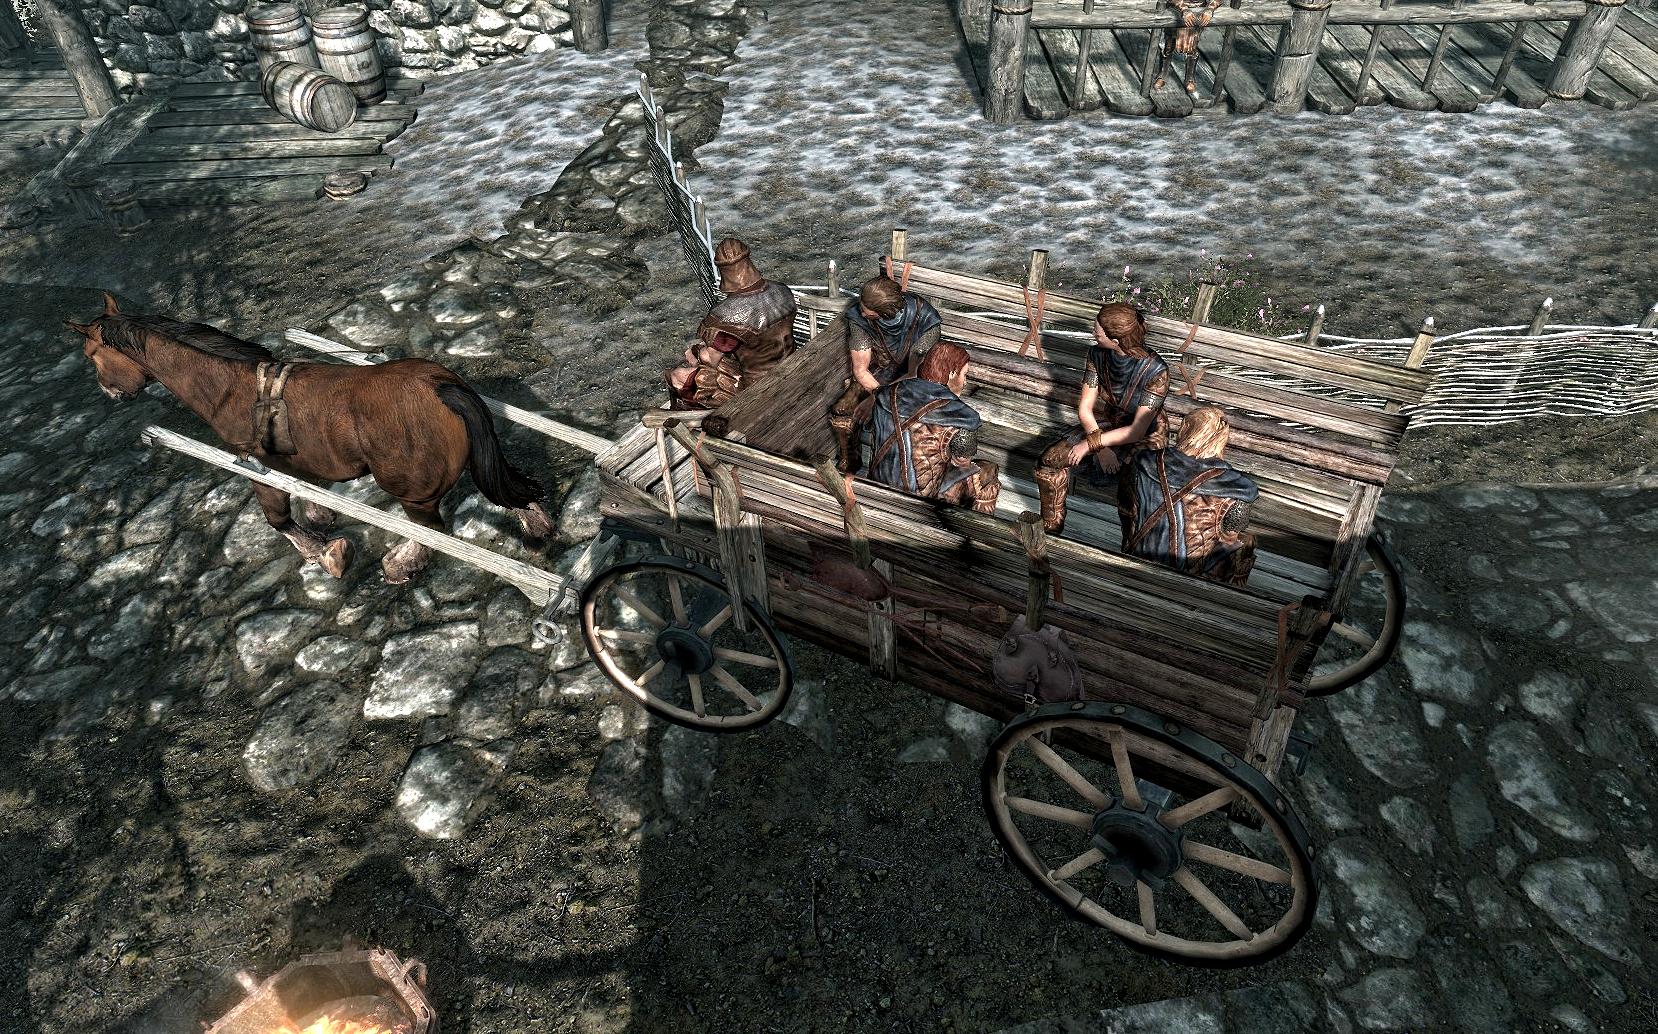 Arriving at Helgen